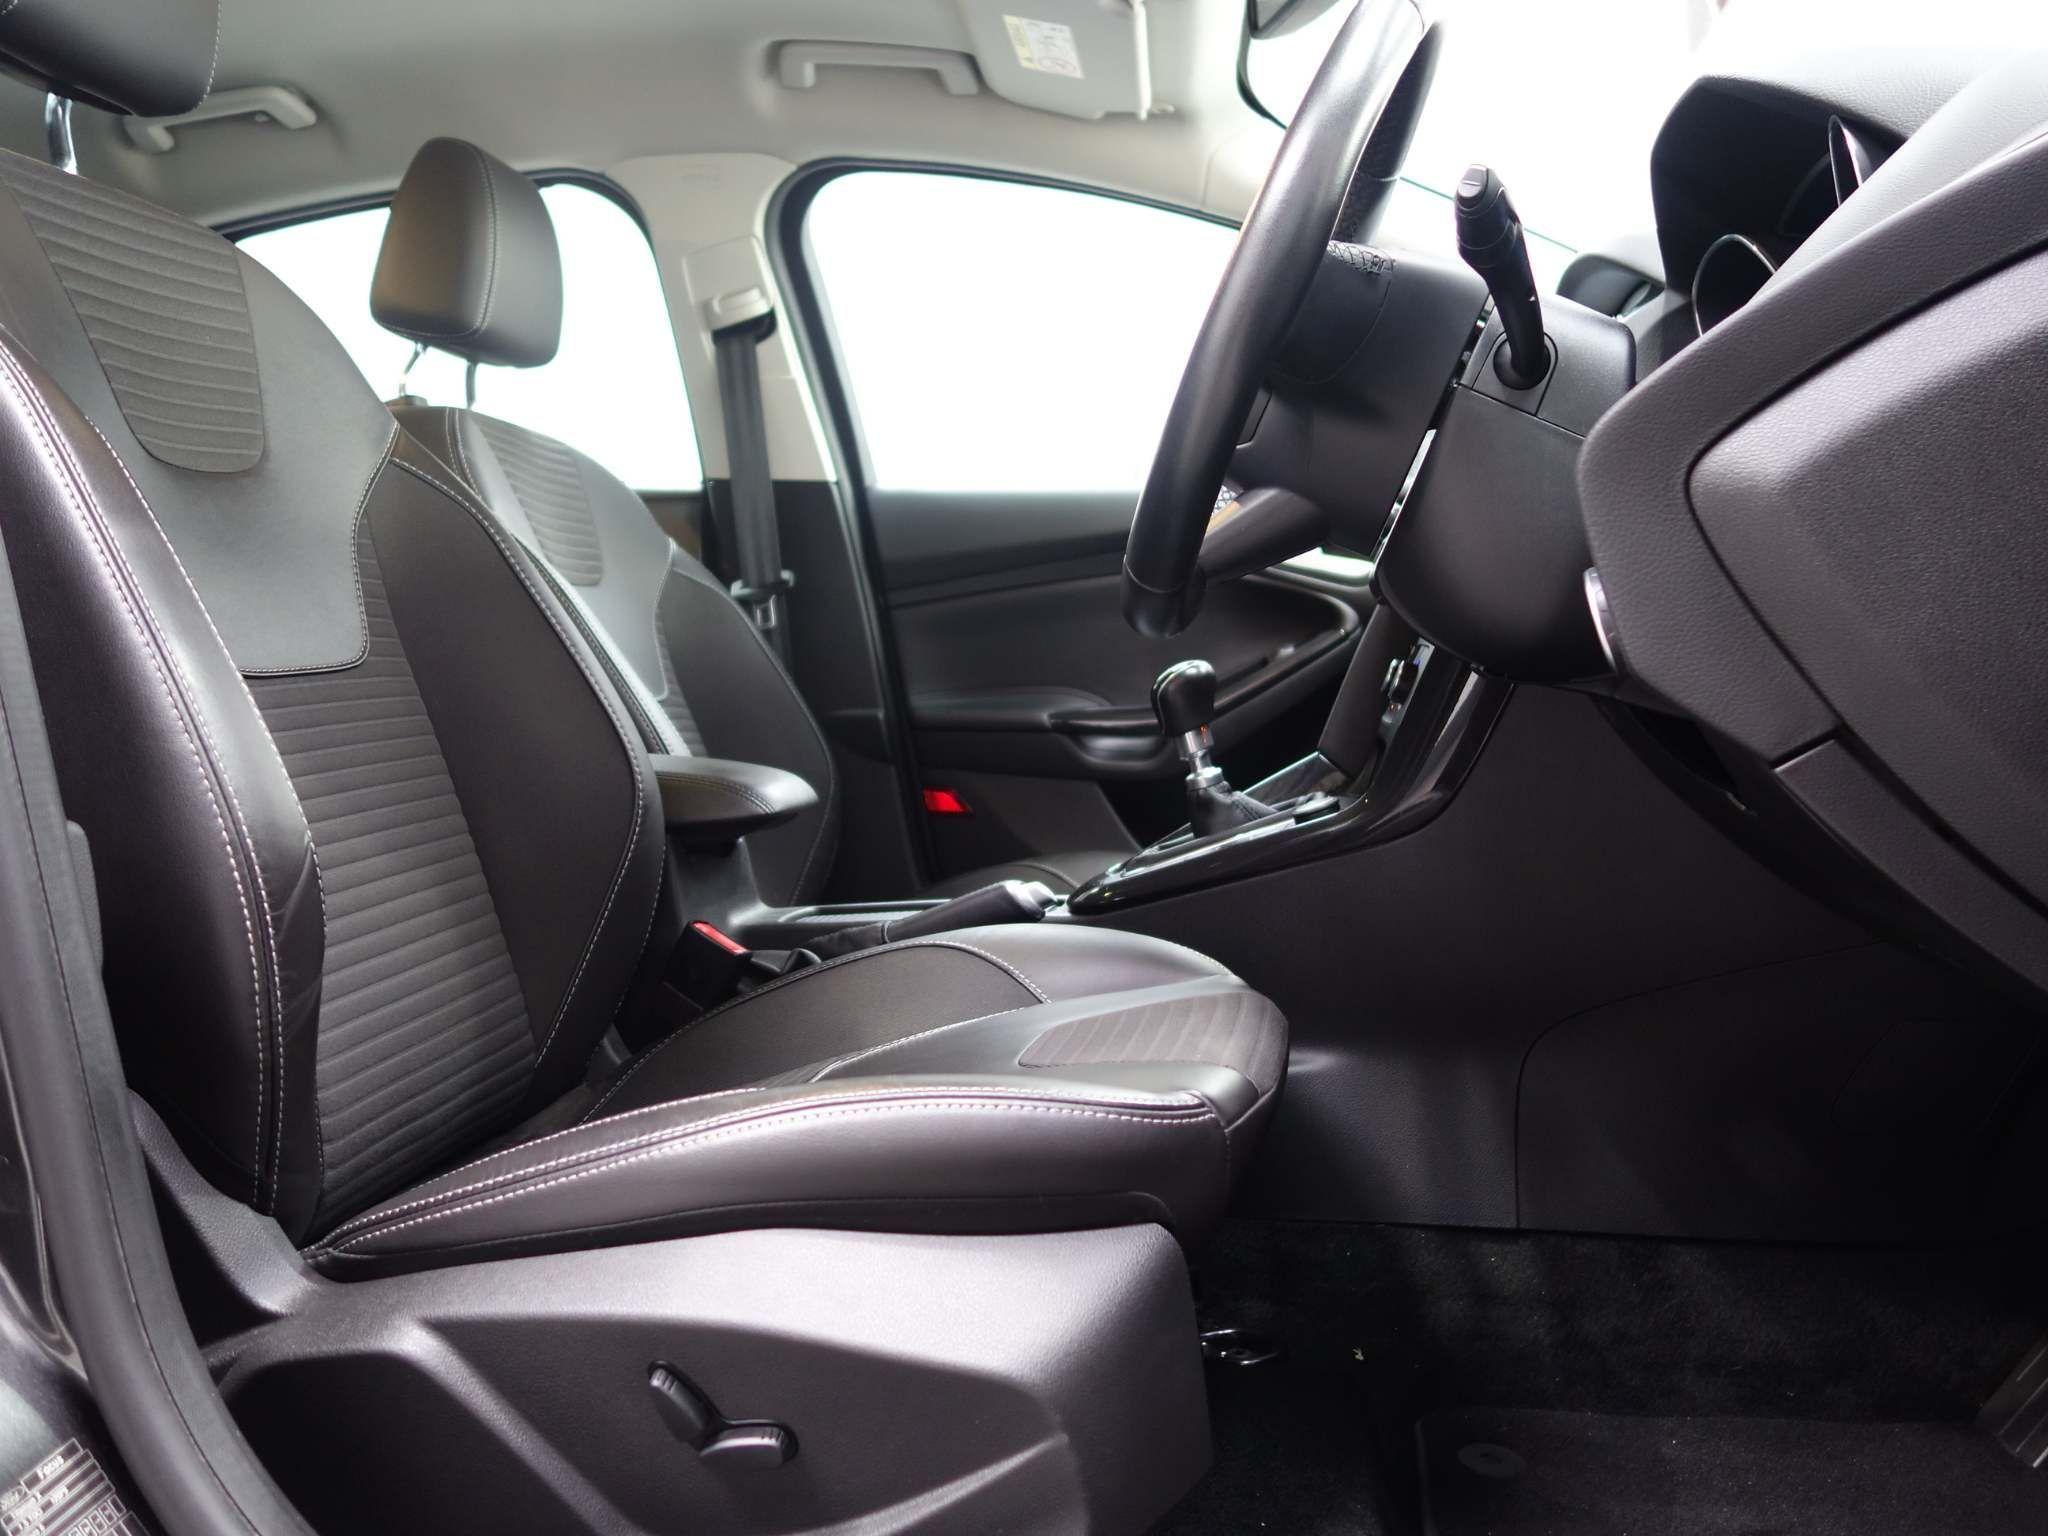 Ford Focus 1.5 TDCi Titanium X (s/s) 5dr – FD17XOF